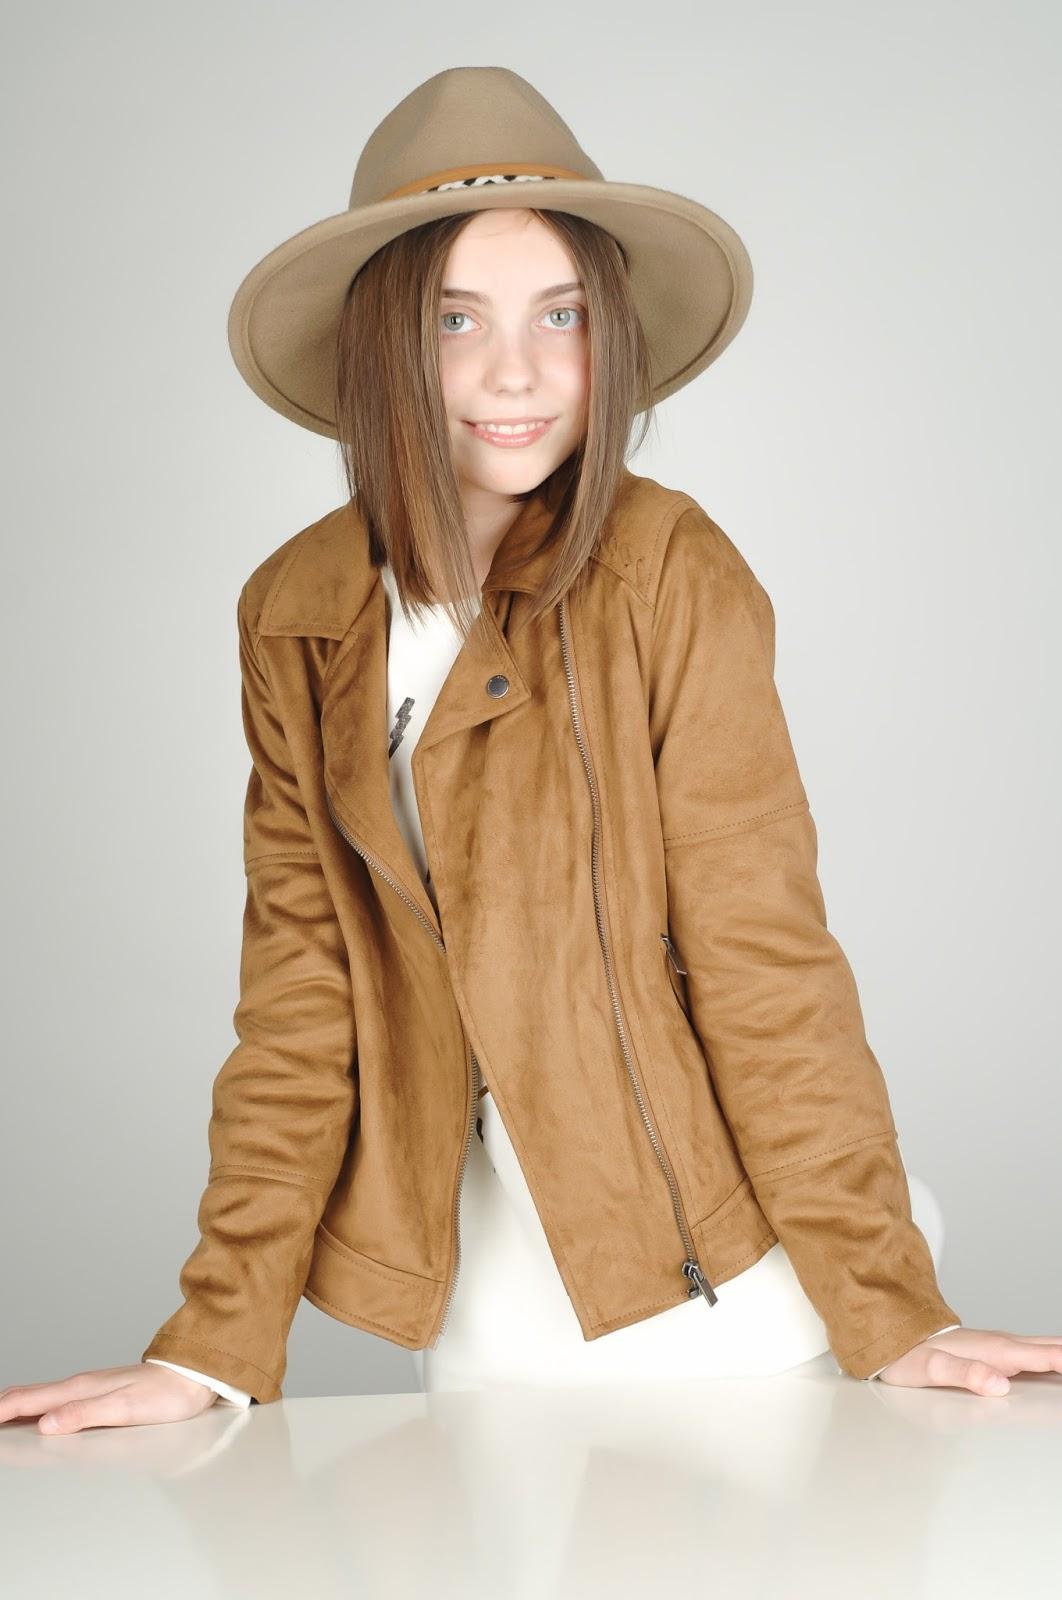 cazadora ante, chaqueta cremalleras, estilo indiana, zara